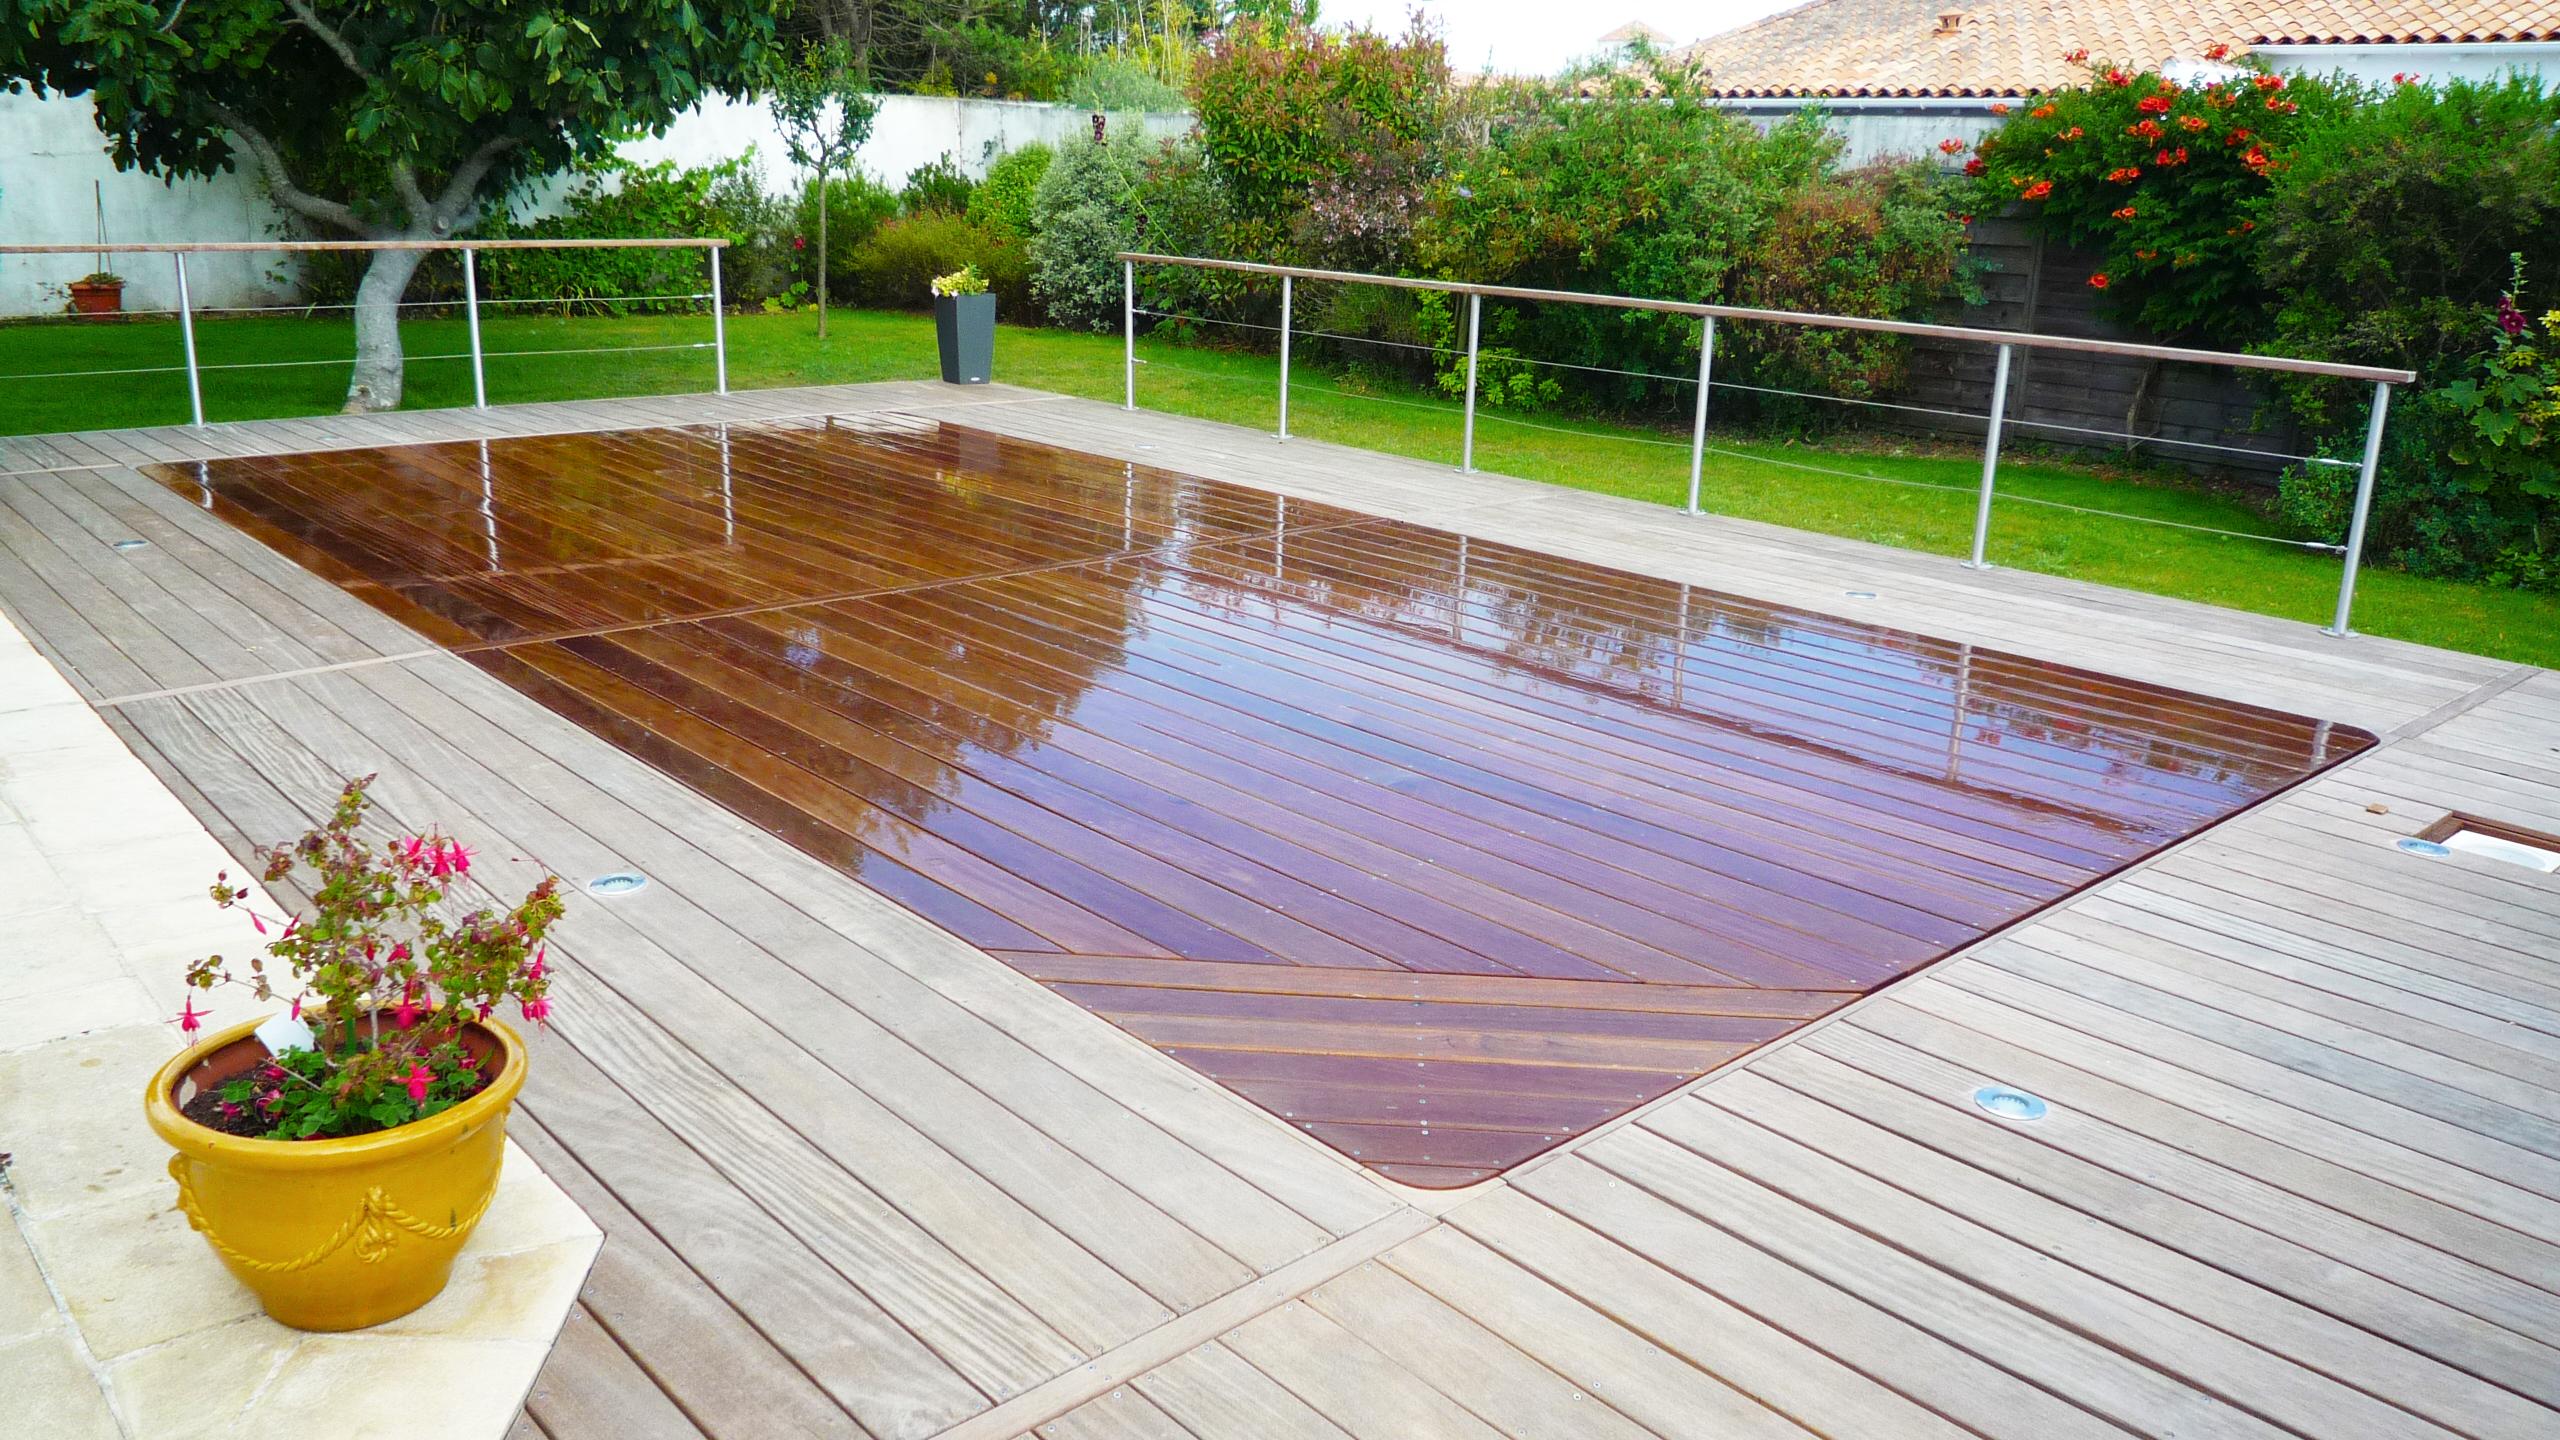 Le plancher mobile transformez votre piscine en terrasse for Piscine fond mobile belgique